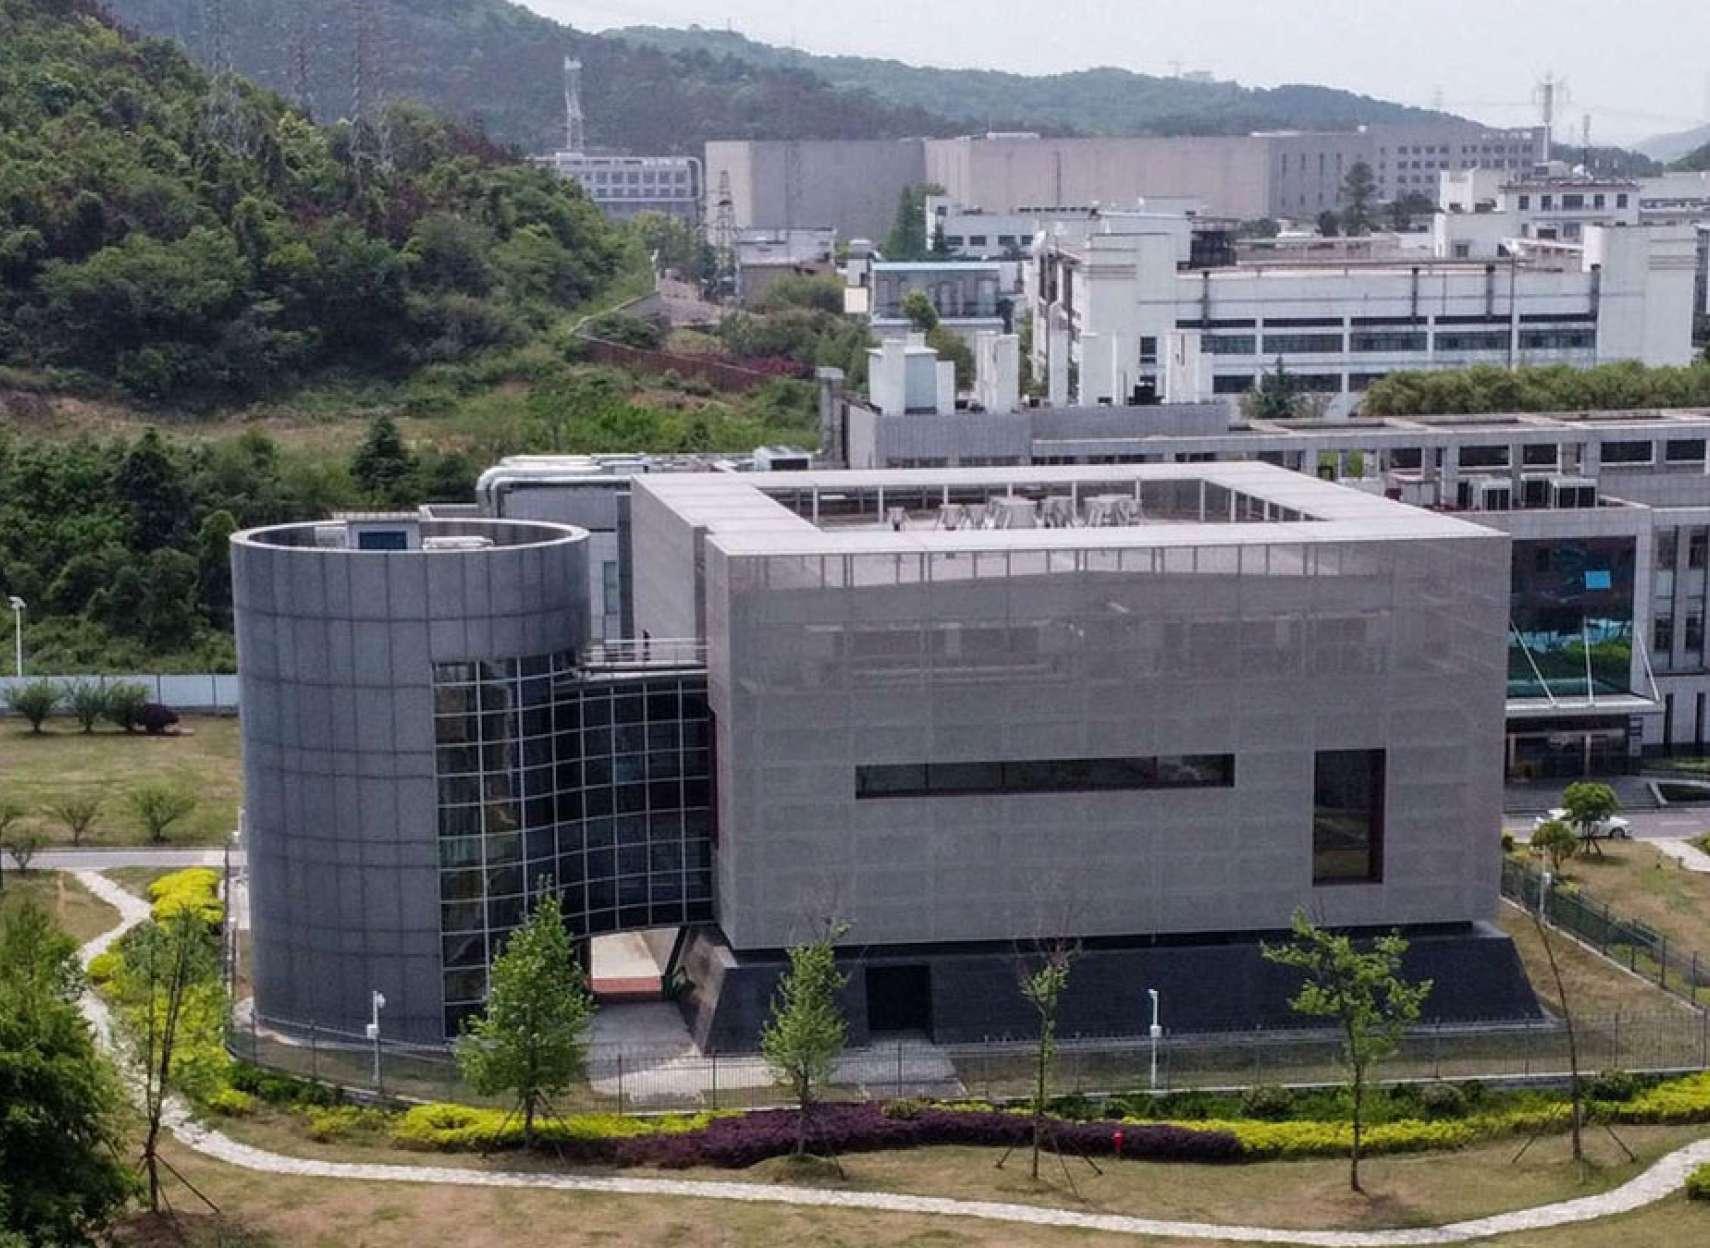 خبر-جهان-سازمان-بهداشت-جهانی-برای-دومین-بار-به-ظن-نشت-کرونا-از-آزمایشگاه-ووهان-به-چین-می-رود